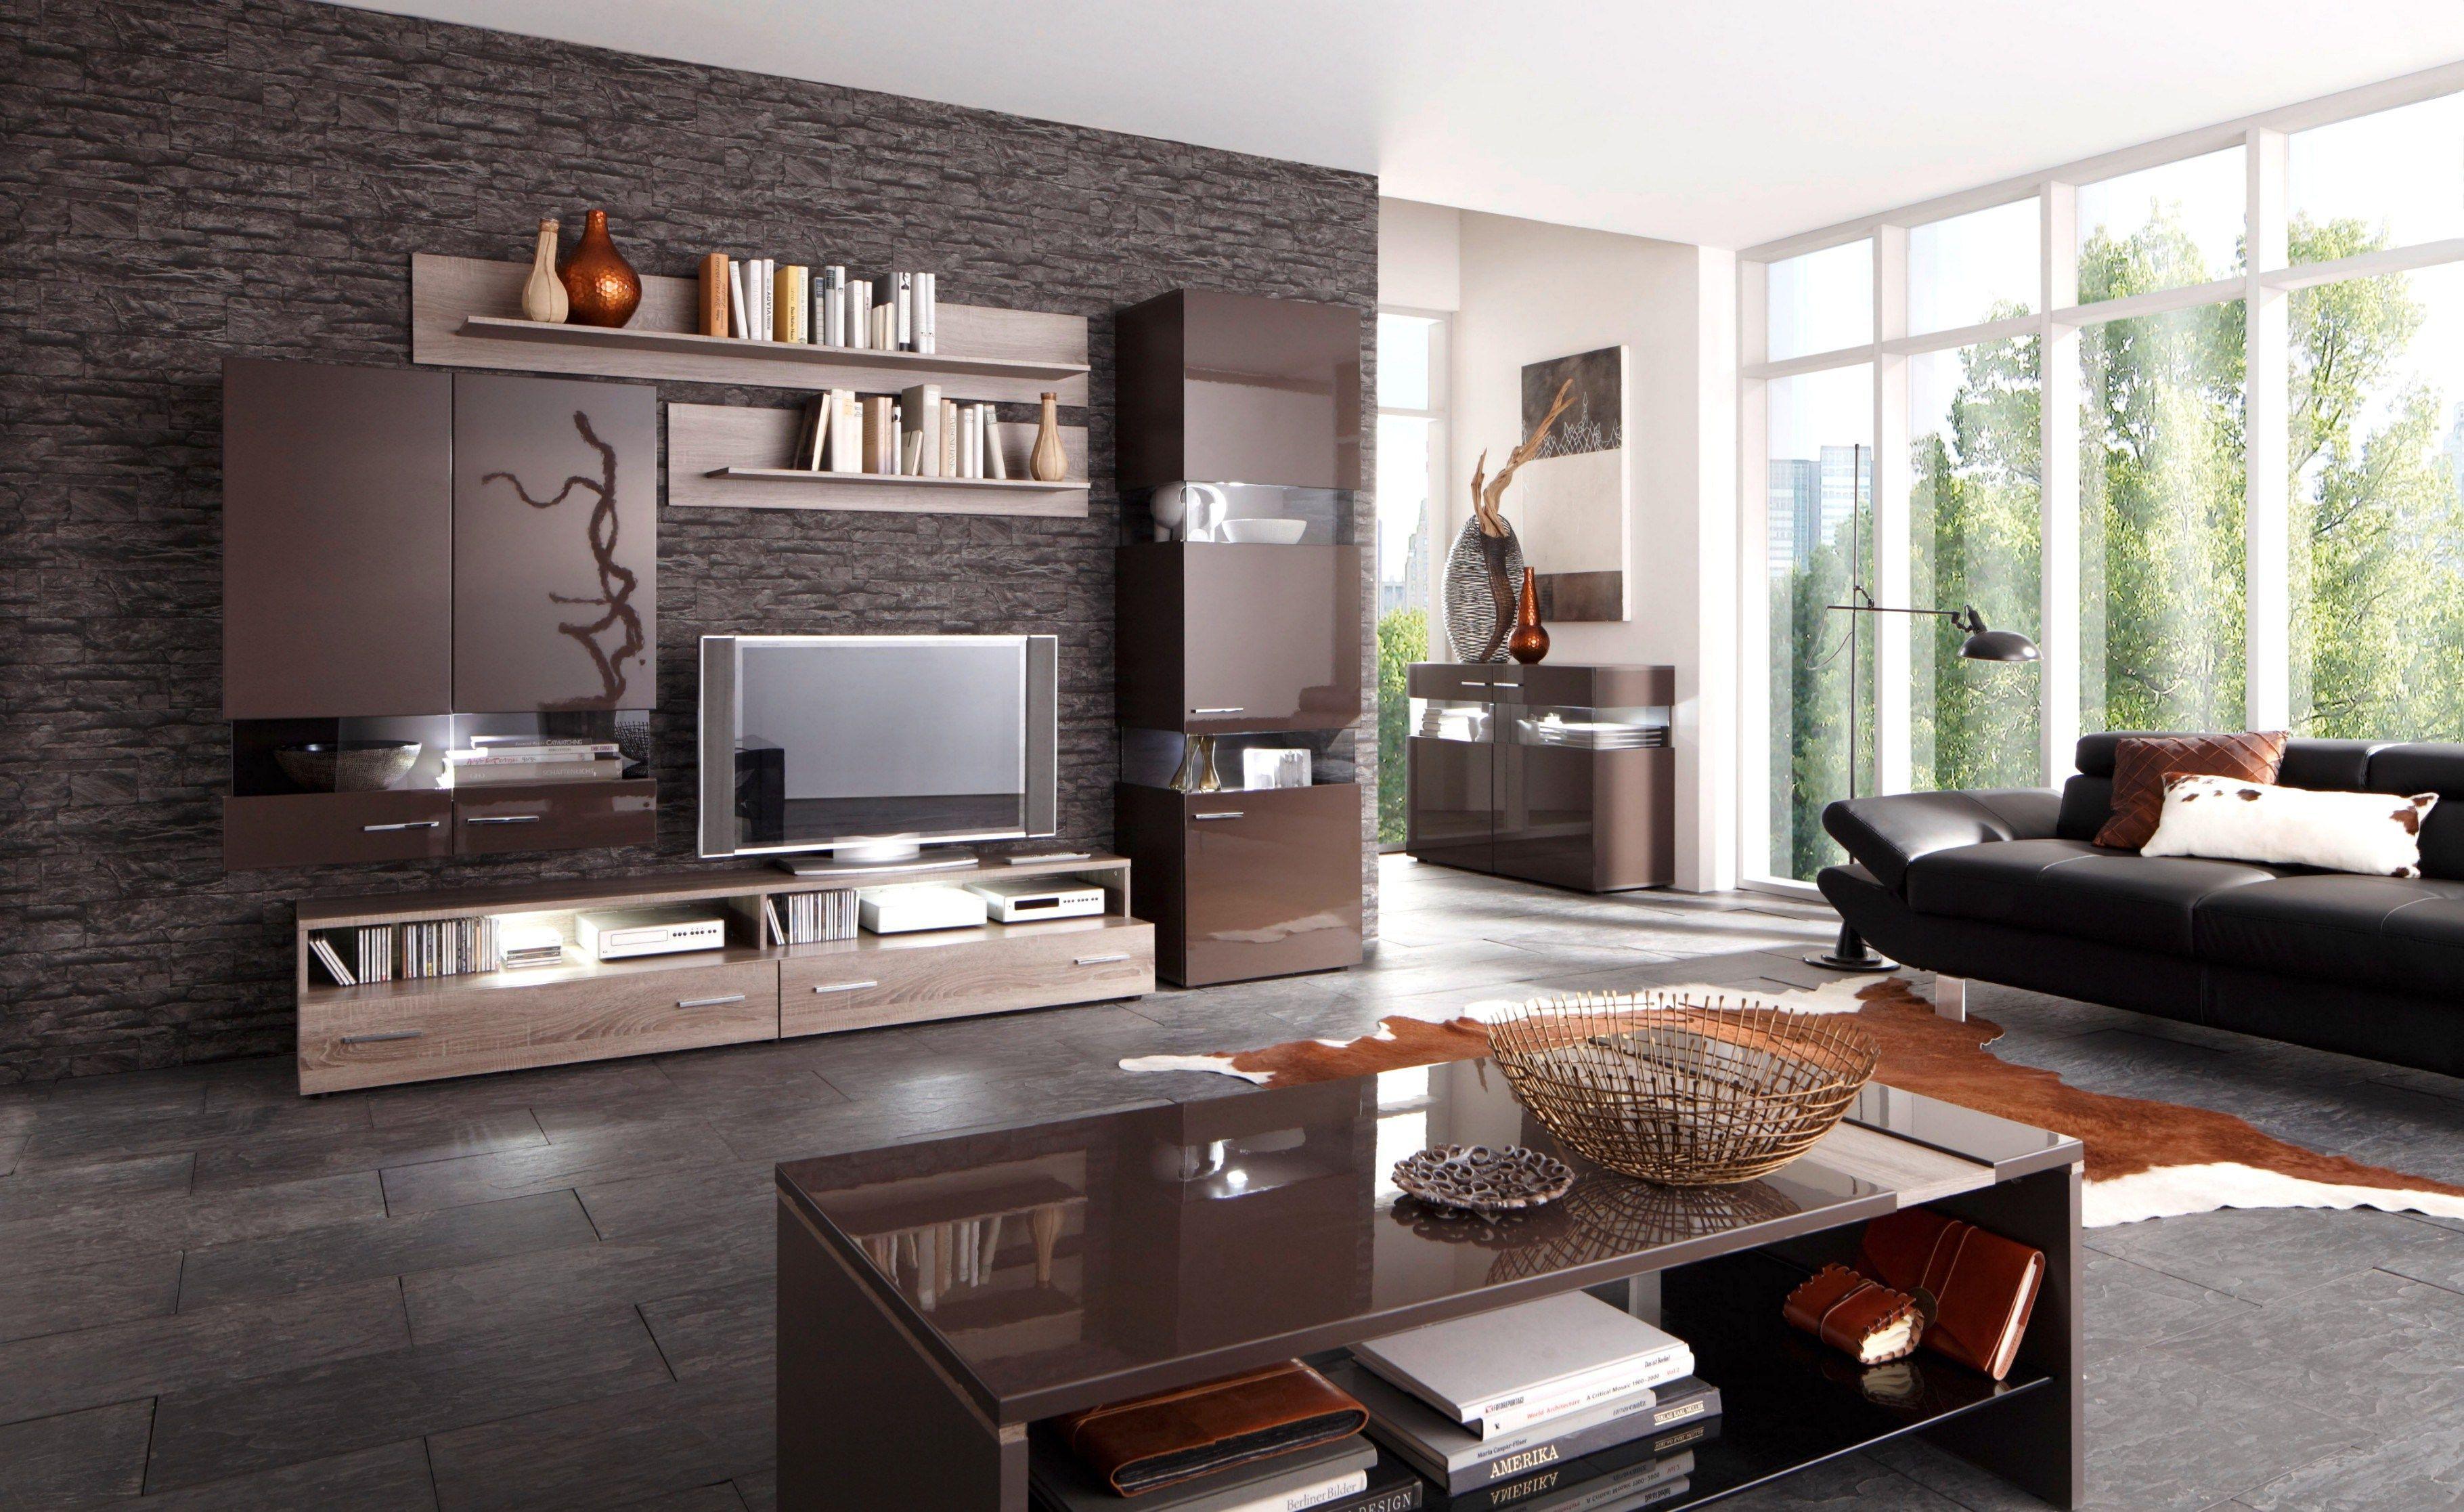 9 wohnzimmer einrichten #Wohnzimmer gemtlich 9 wohnzimmer